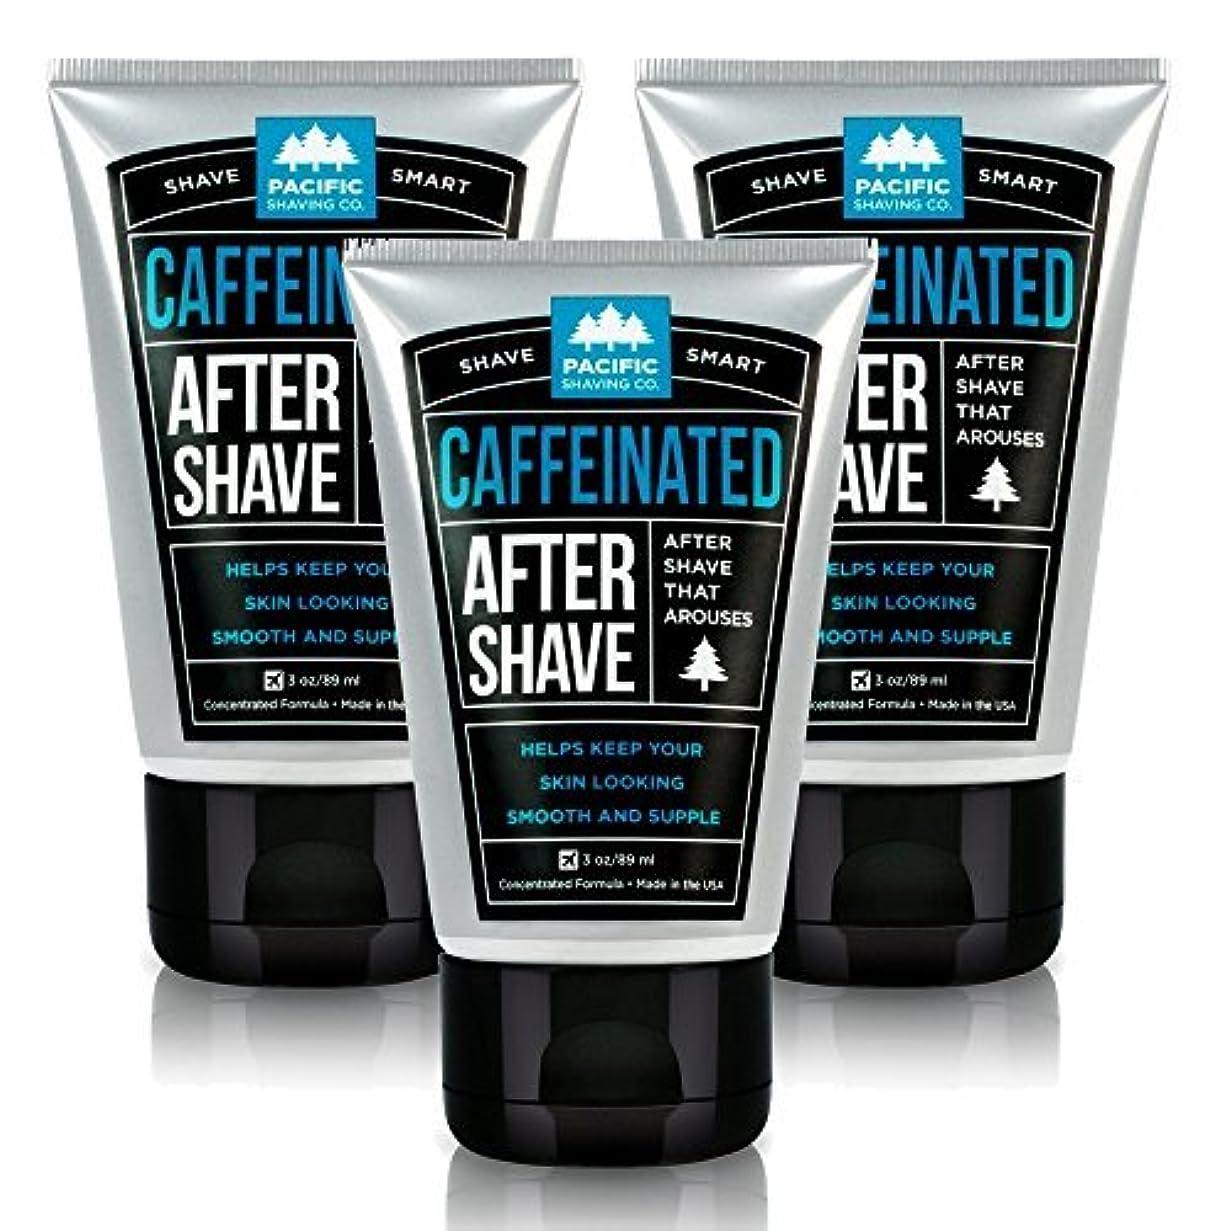 クリエイティブまっすぐにする社会Pacific Shaving Company Caffeinated Aftershave 3 Pack [並行輸入品]